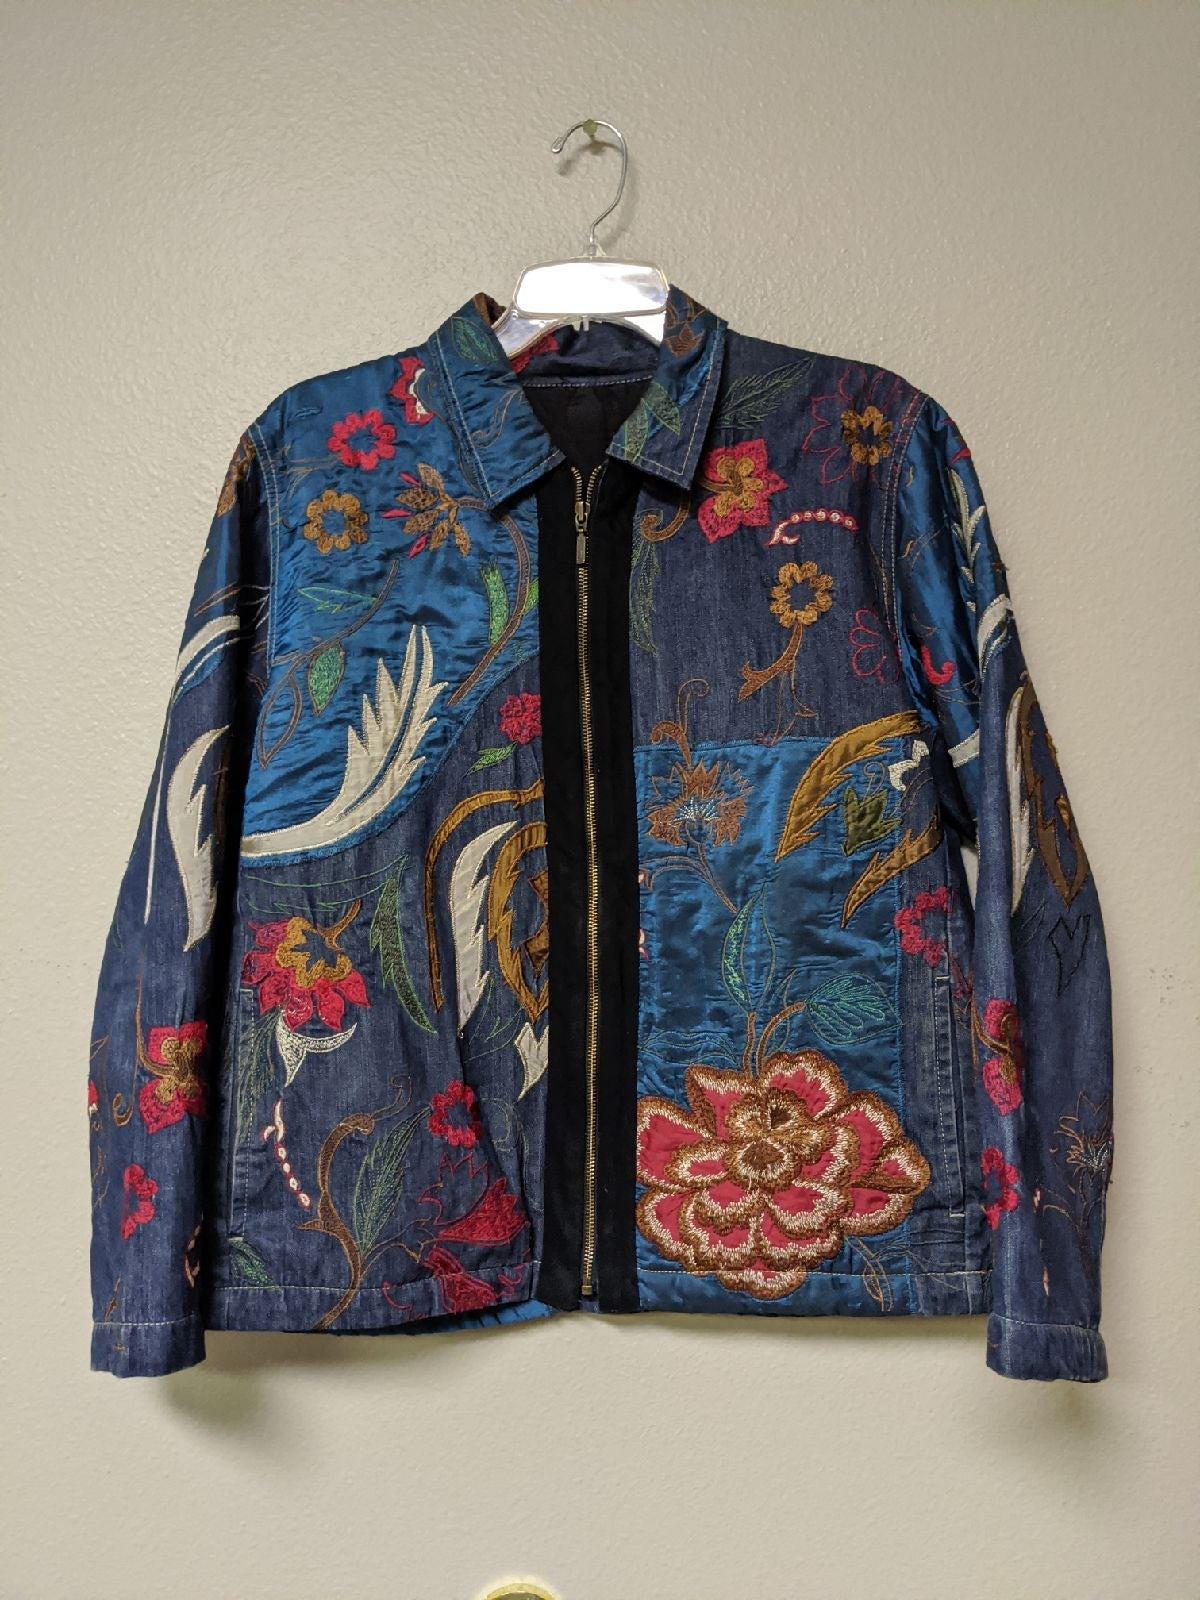 Floral Embroidered Denim Spring Jacket